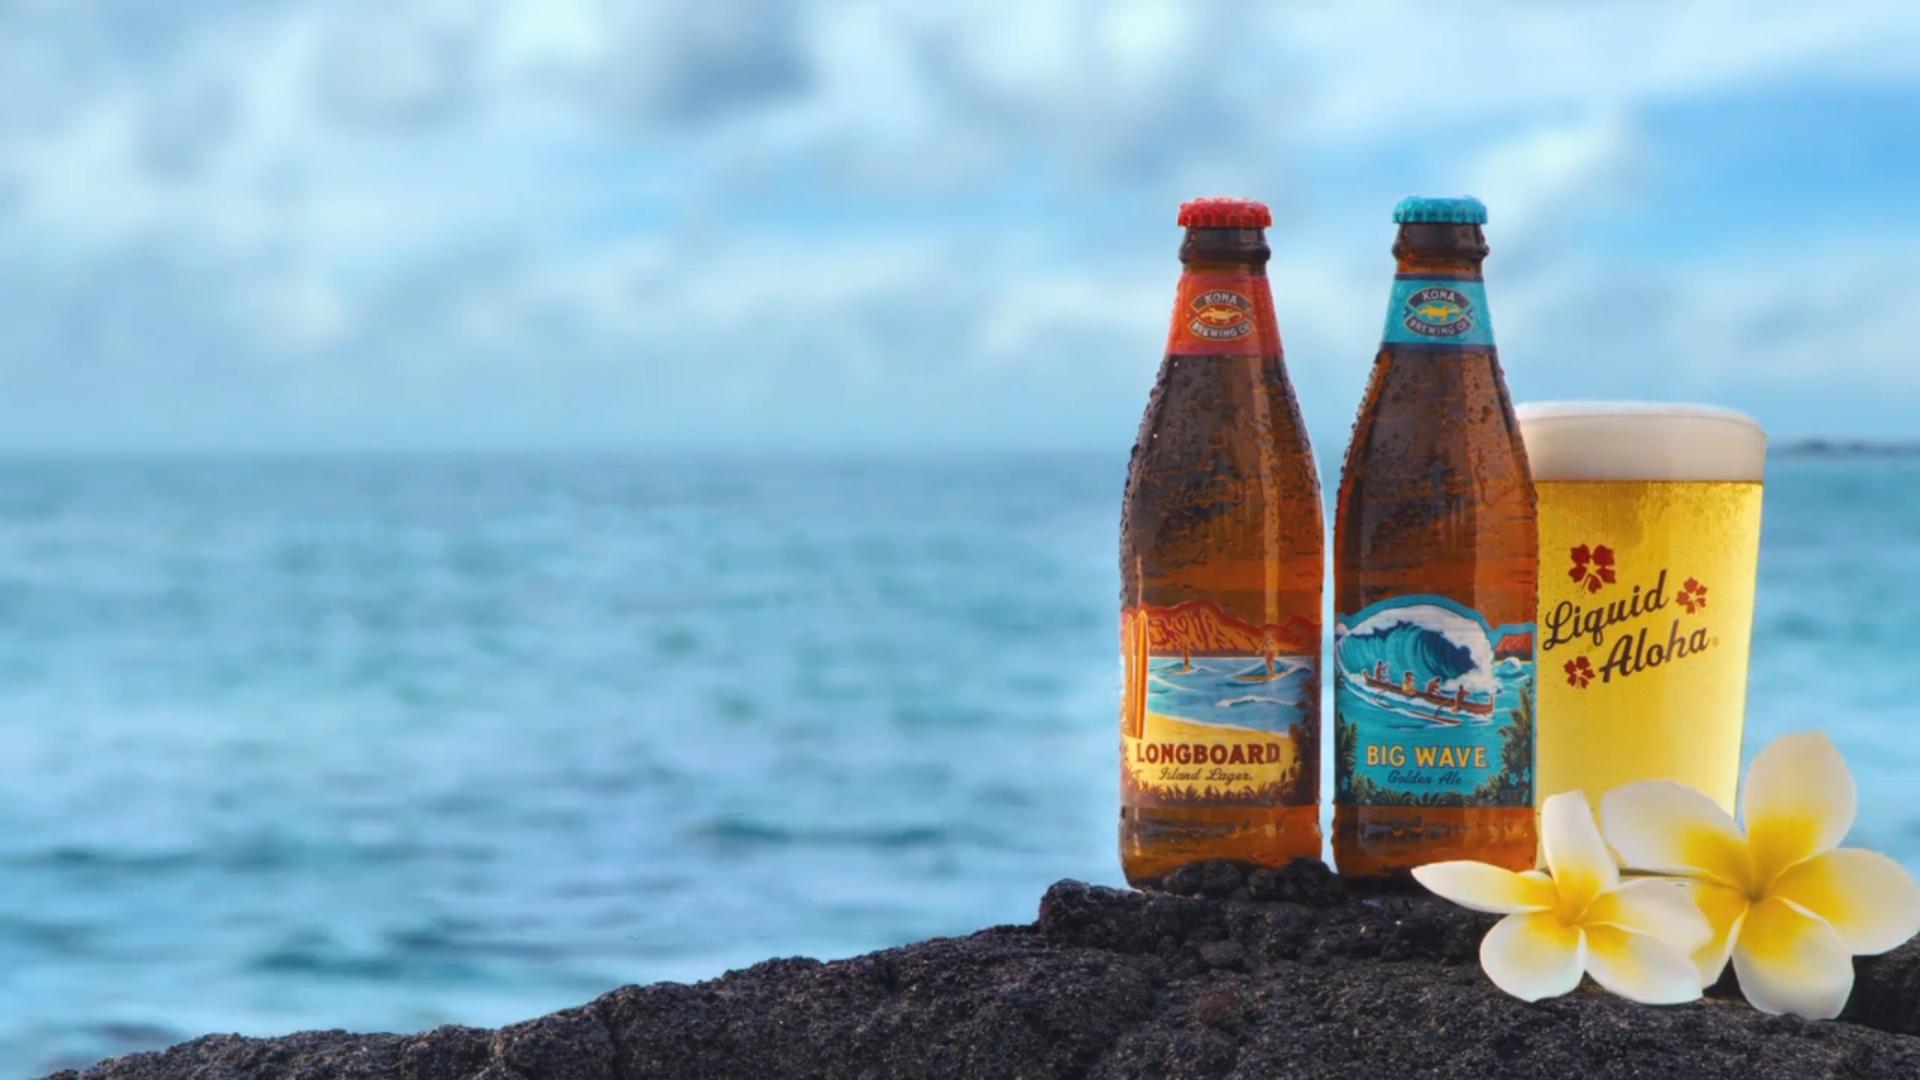 Kona Brewing beer bottles and glass overlooking ocean